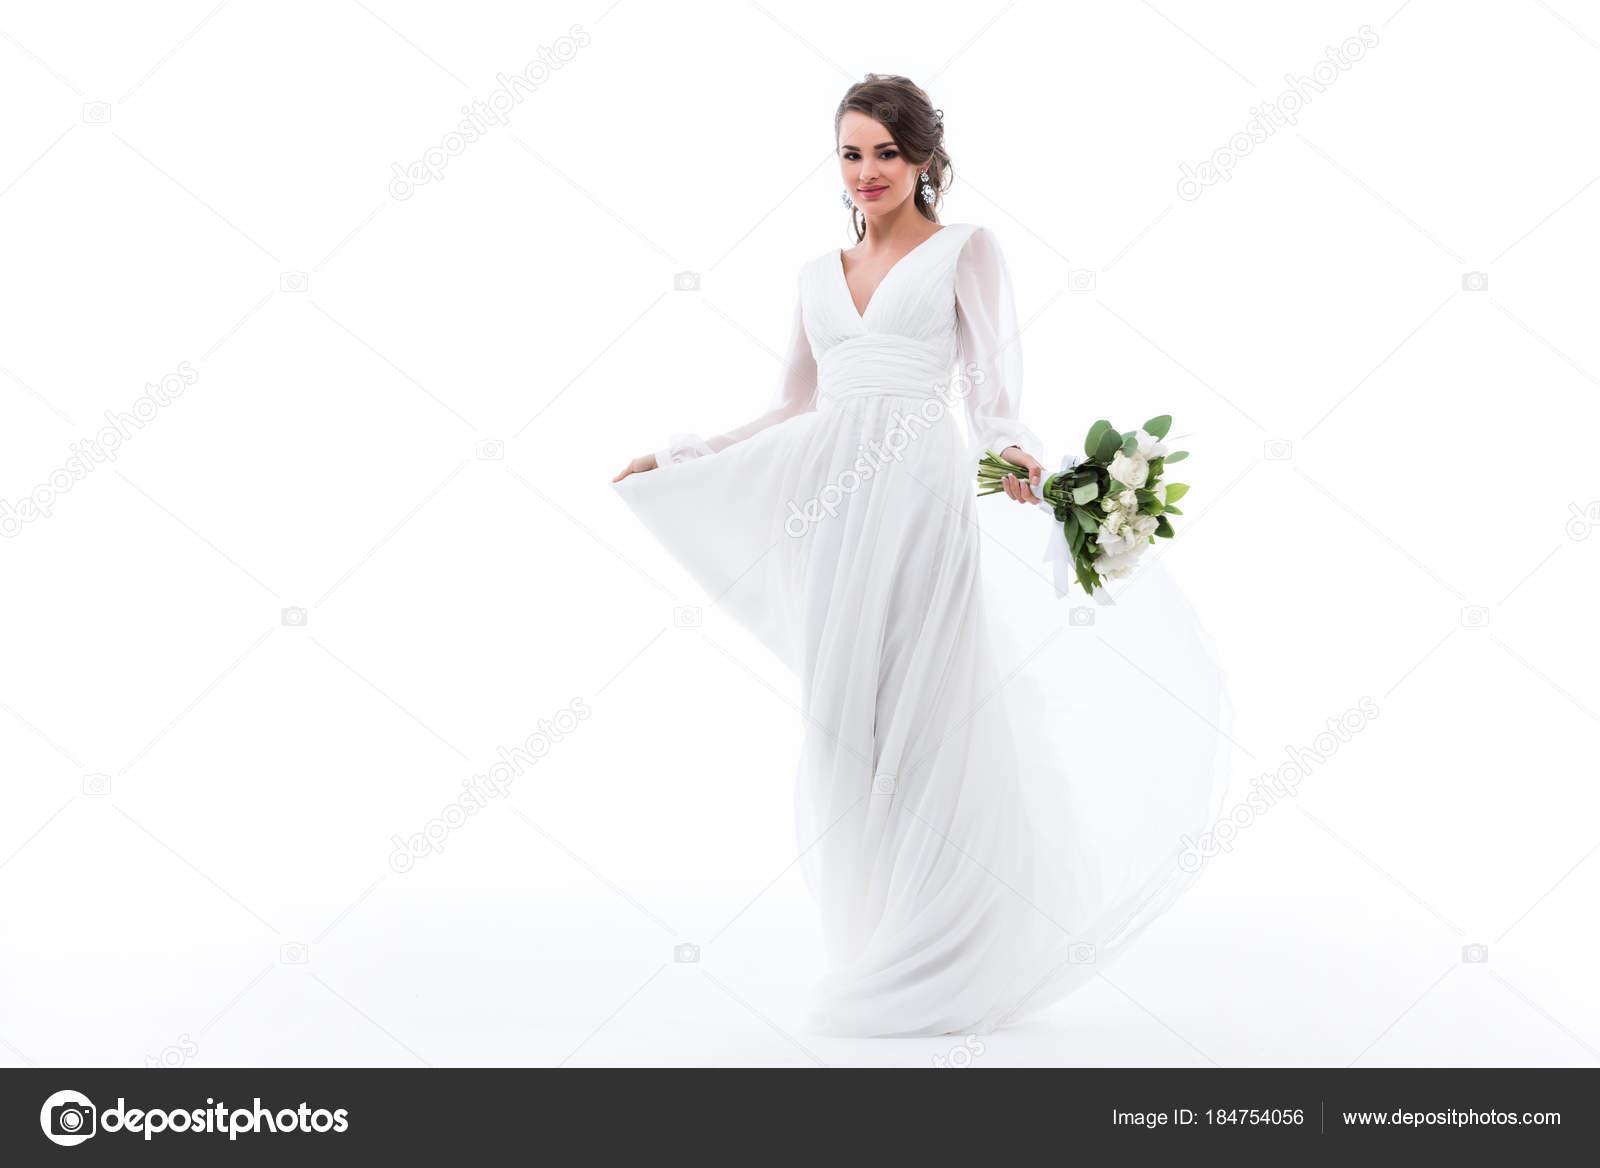 witte jurk op een bruiloft